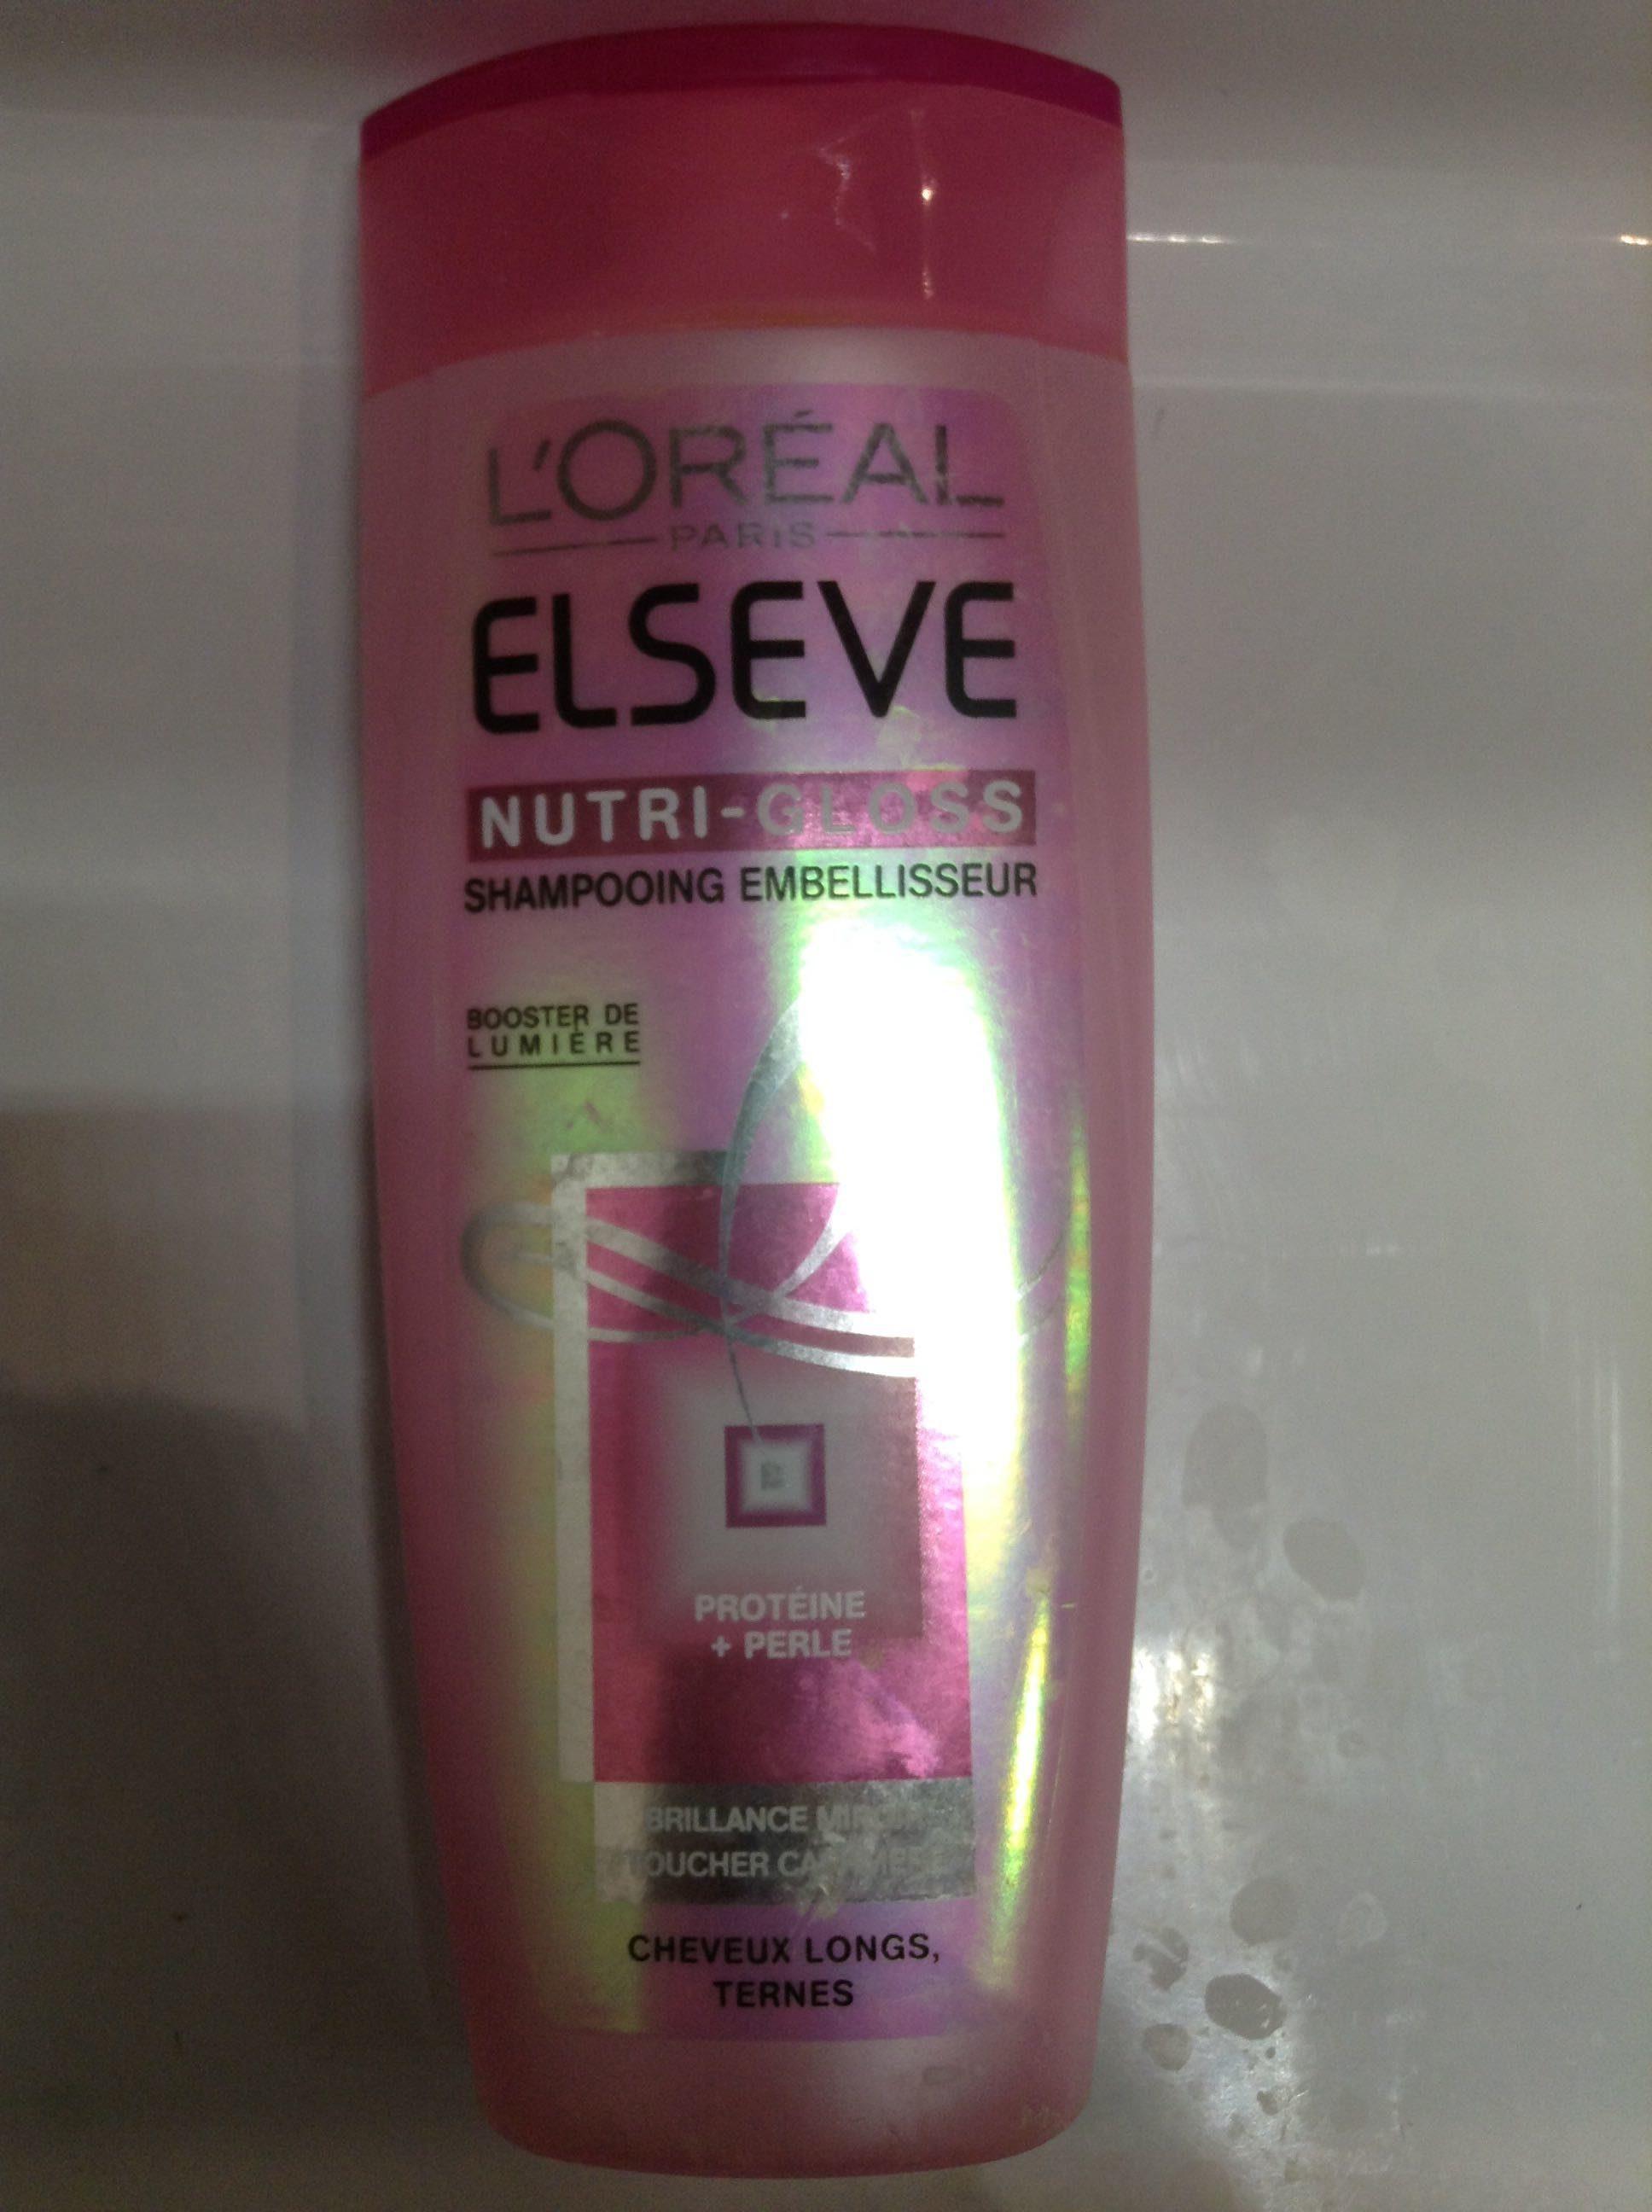 Elseve Nutri-Gloss Protéine + Perle - Product - fr